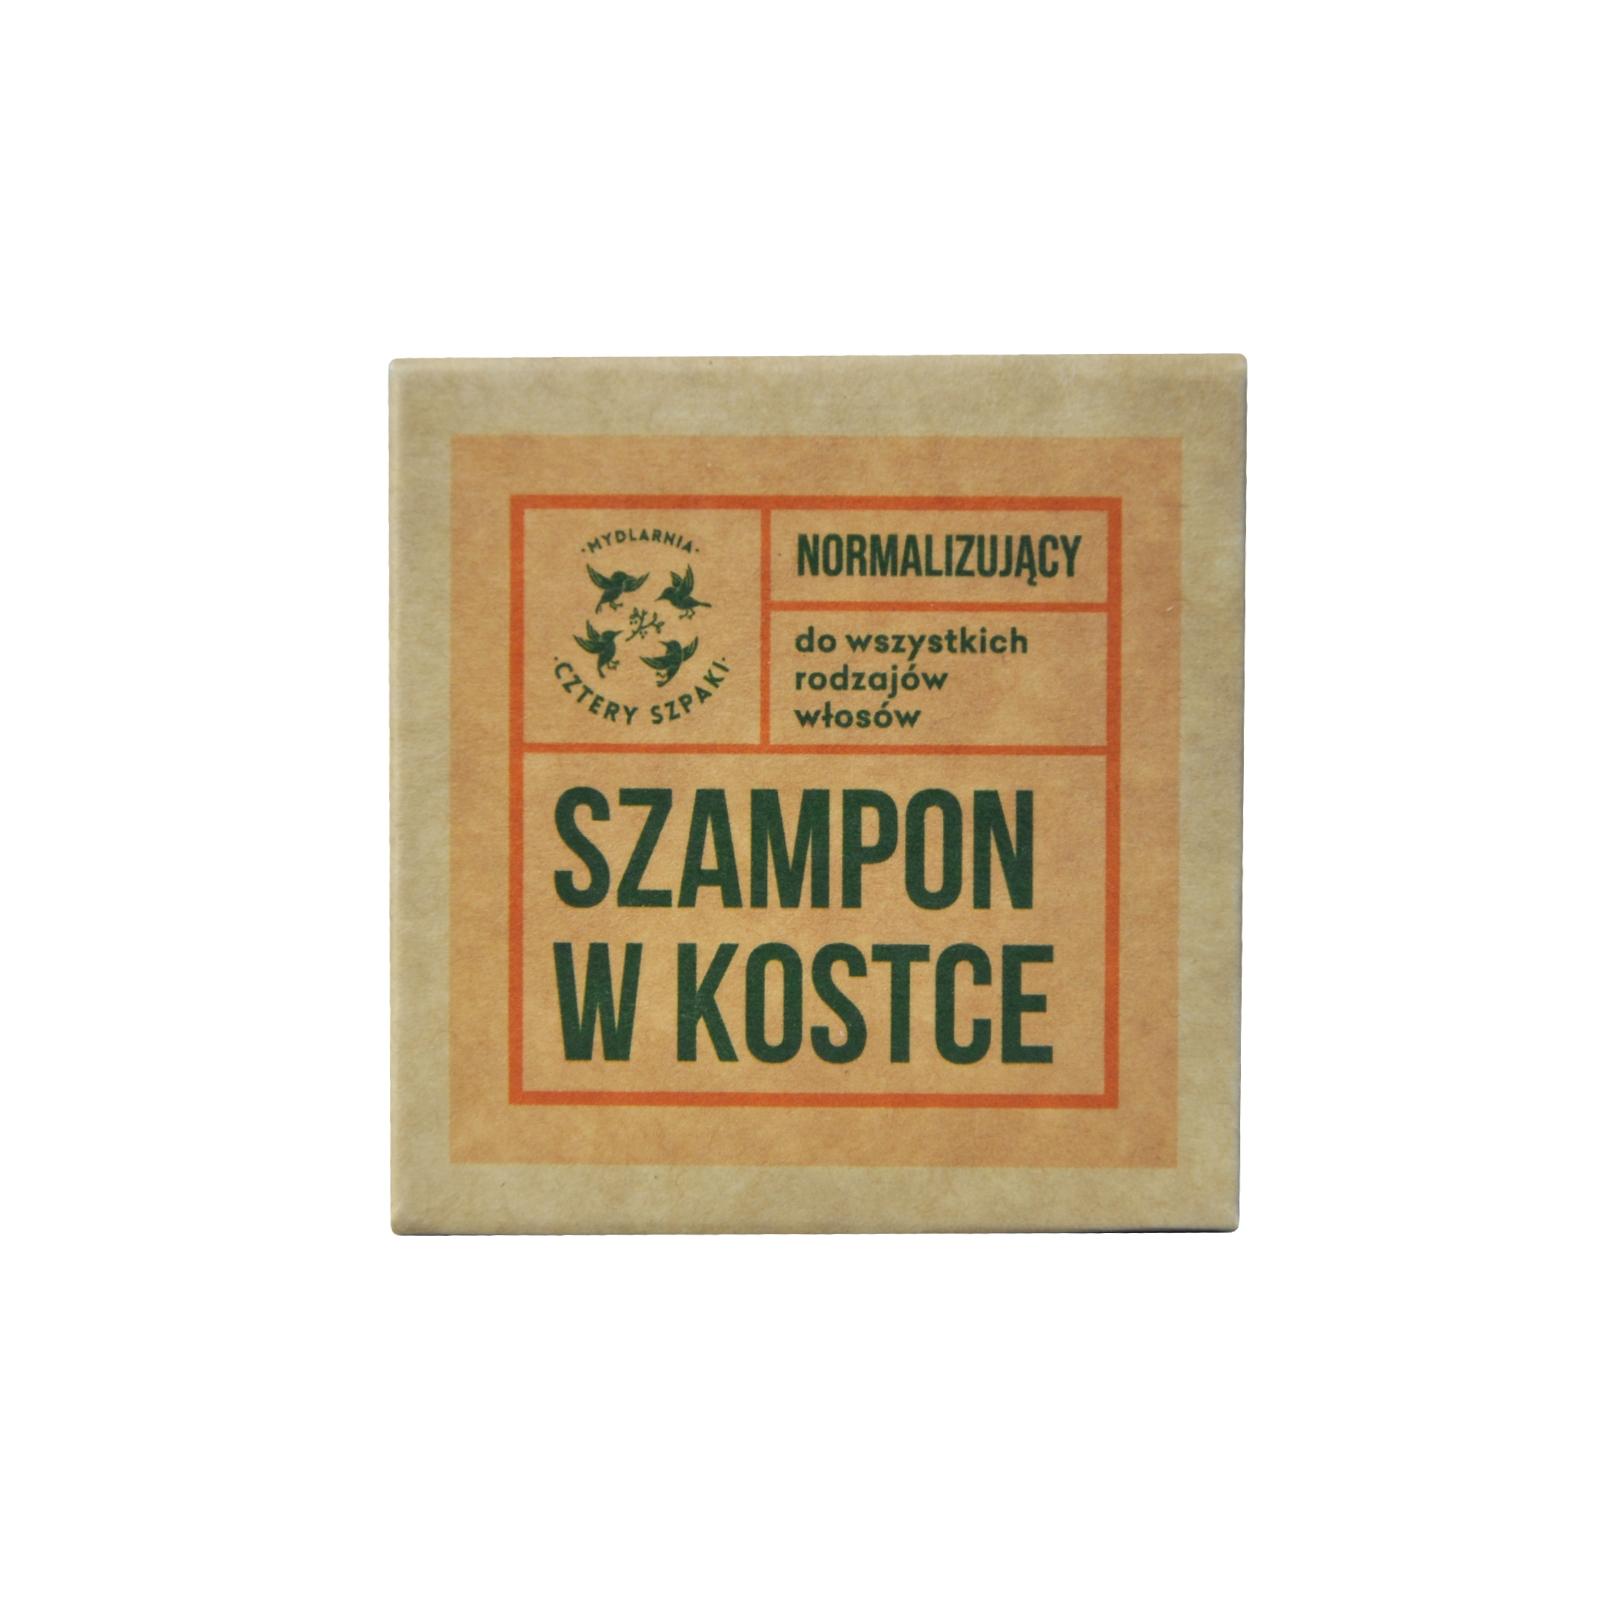 Image of 4 szpaki szampon w kostce - normalizujący 75g